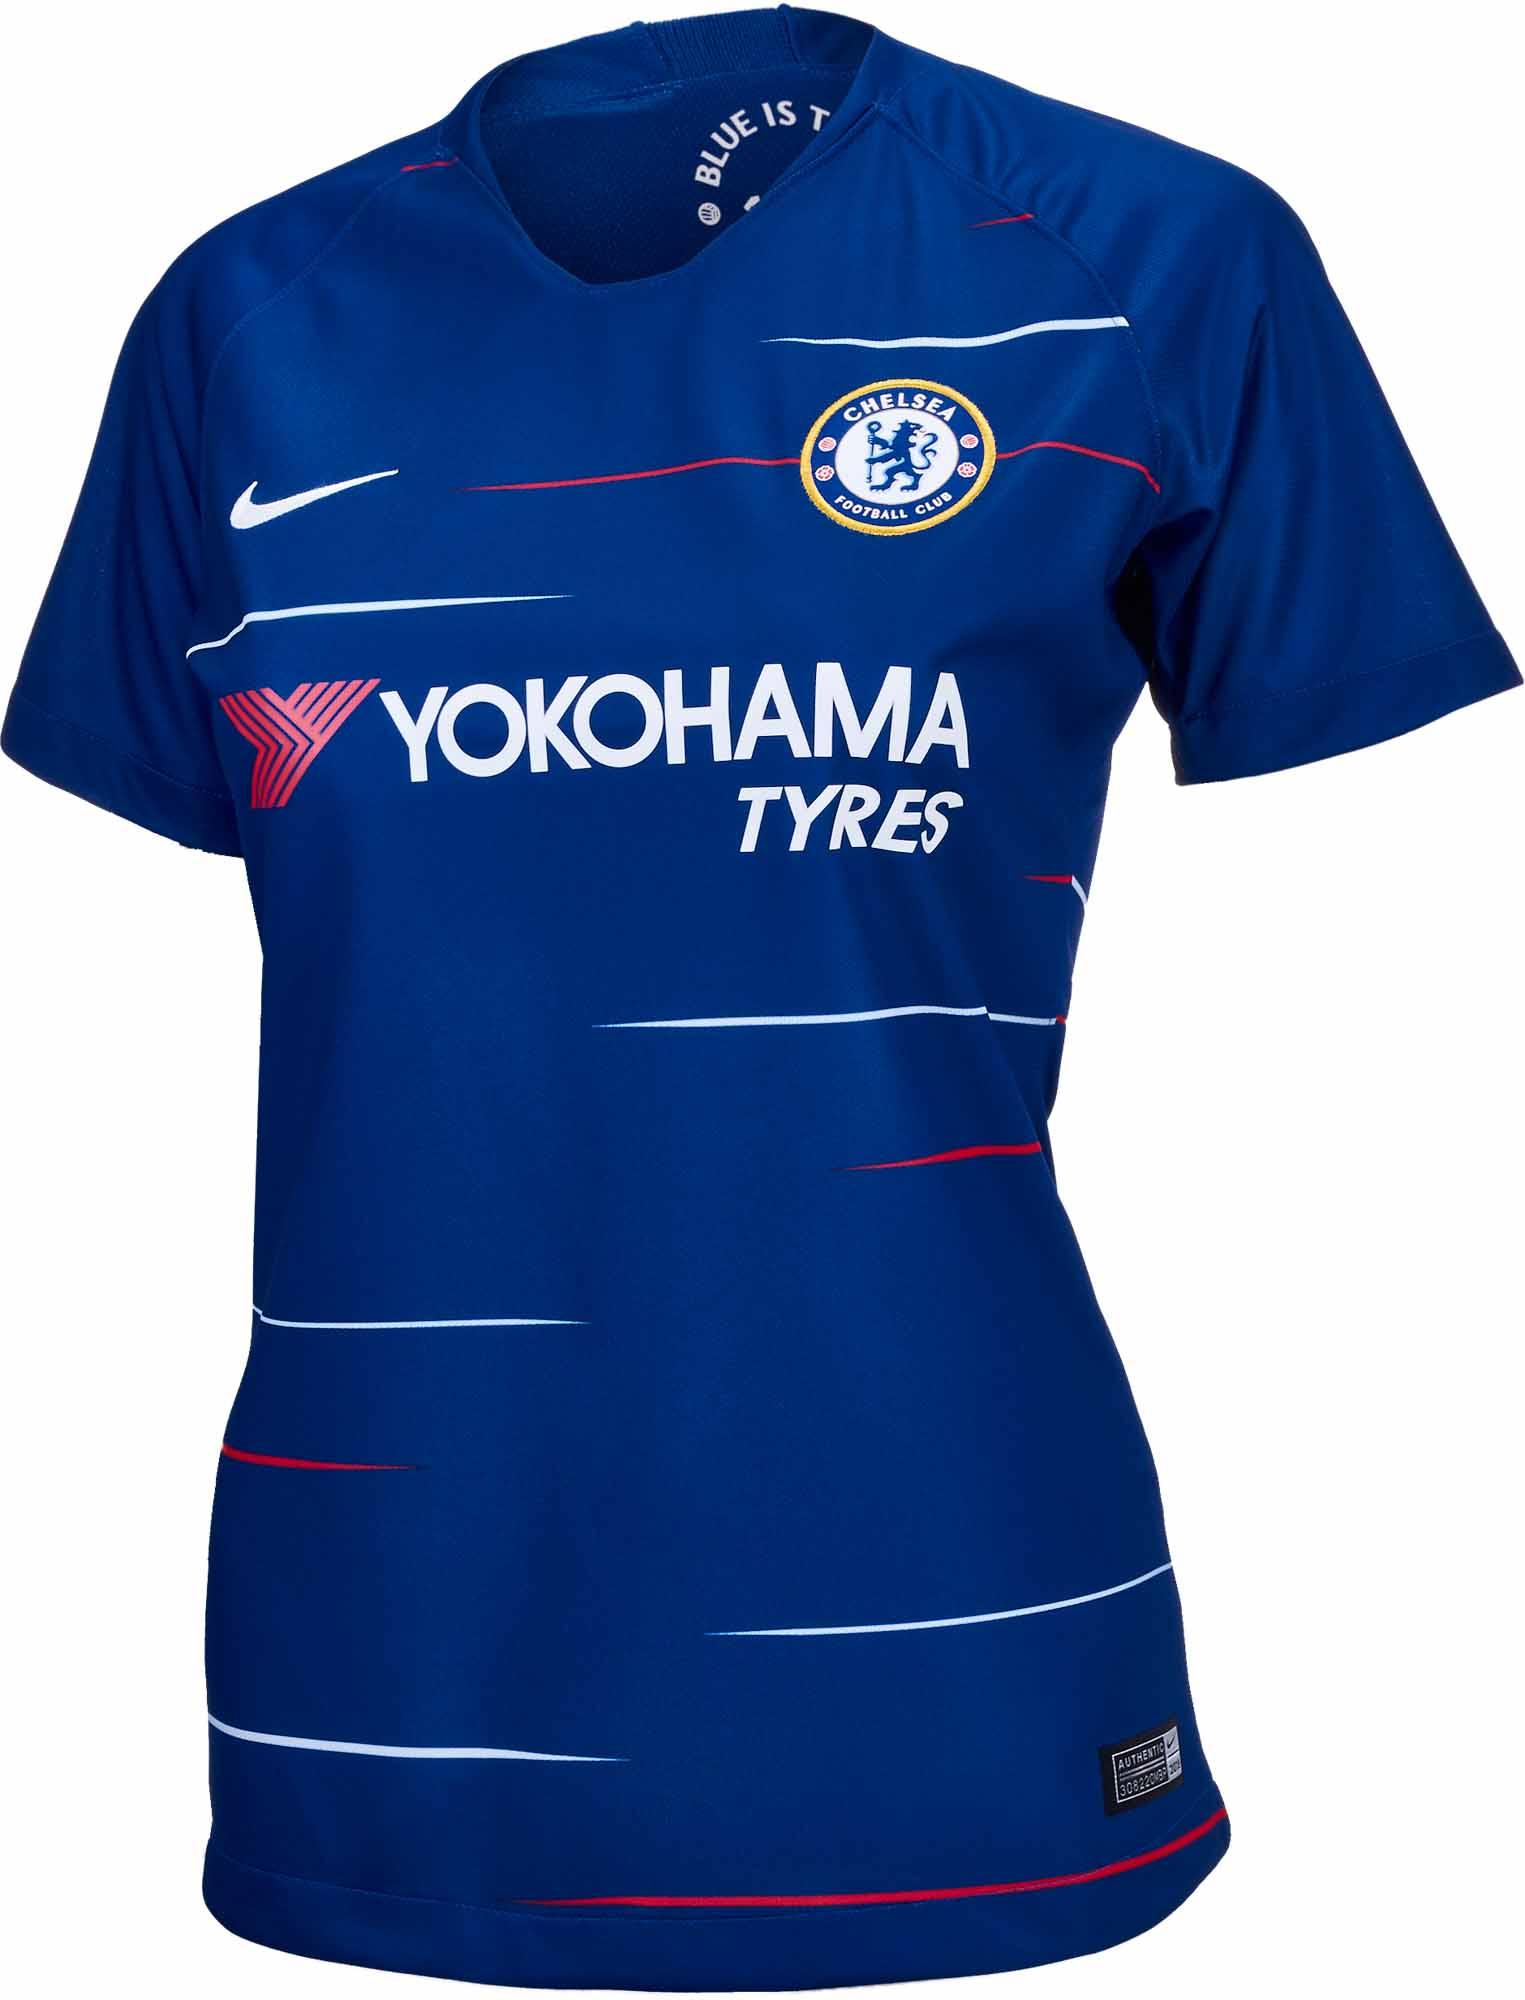 fbf26744f 2018 19 Womens Nike Chelsea Home Jersey - SoccerPro